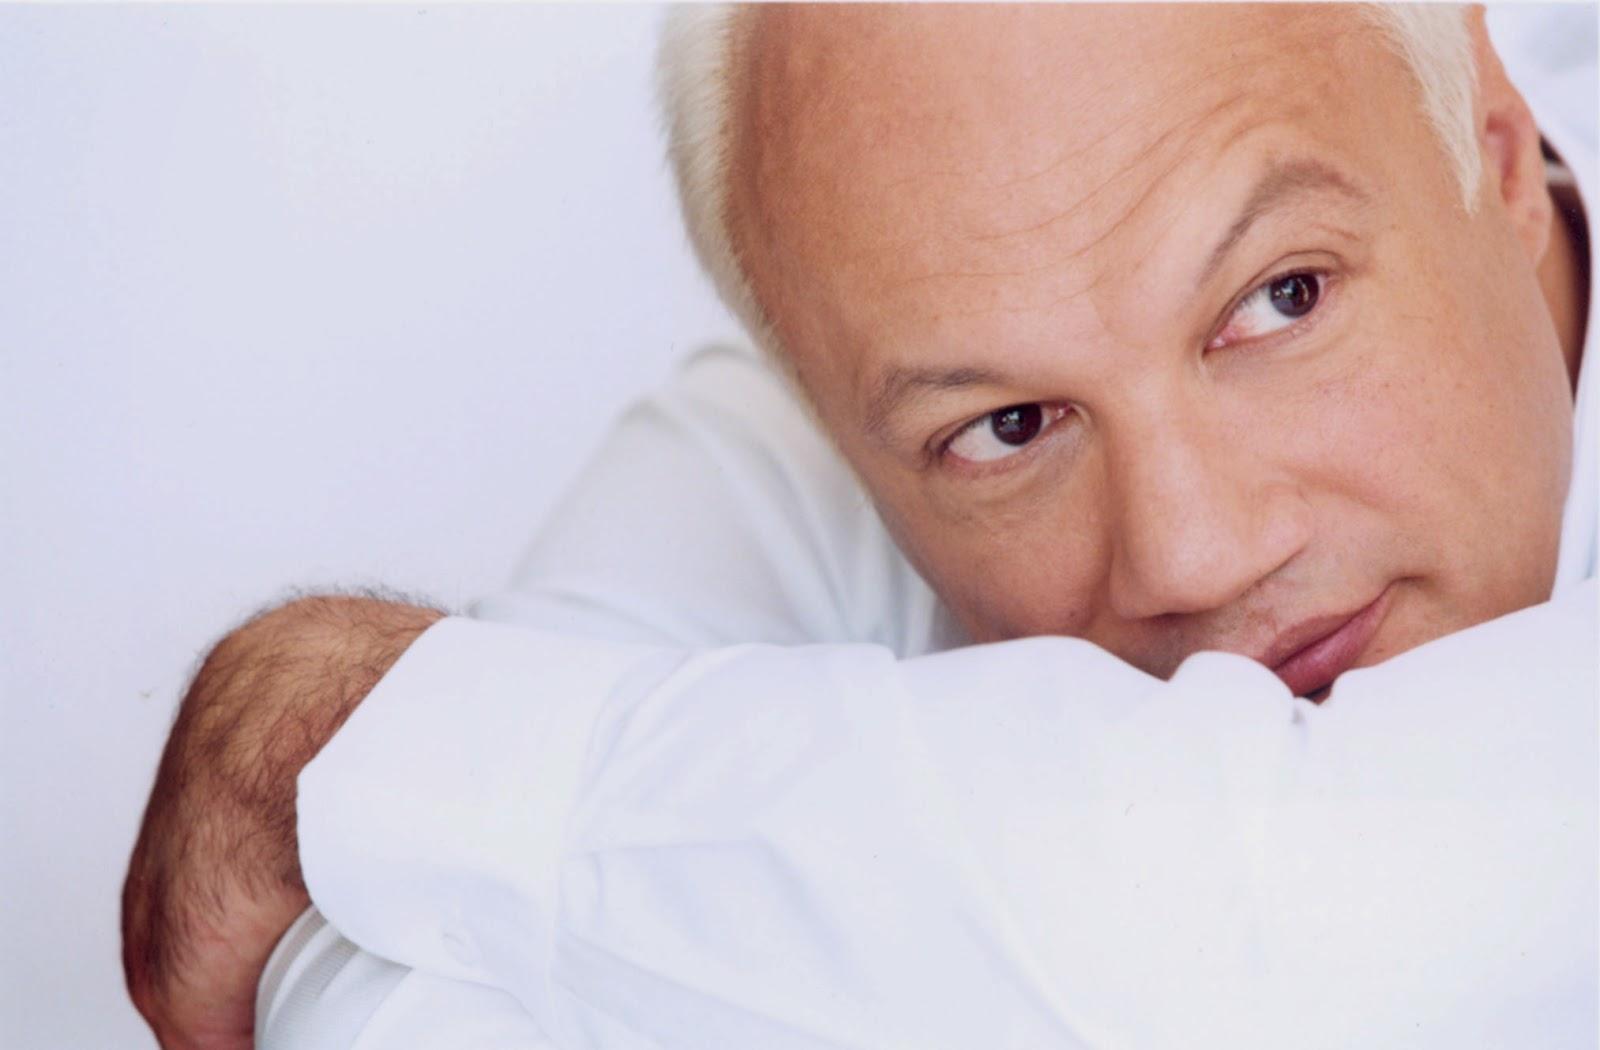 Femei mai în vârstă care întâlnesc bărbați mai tineri